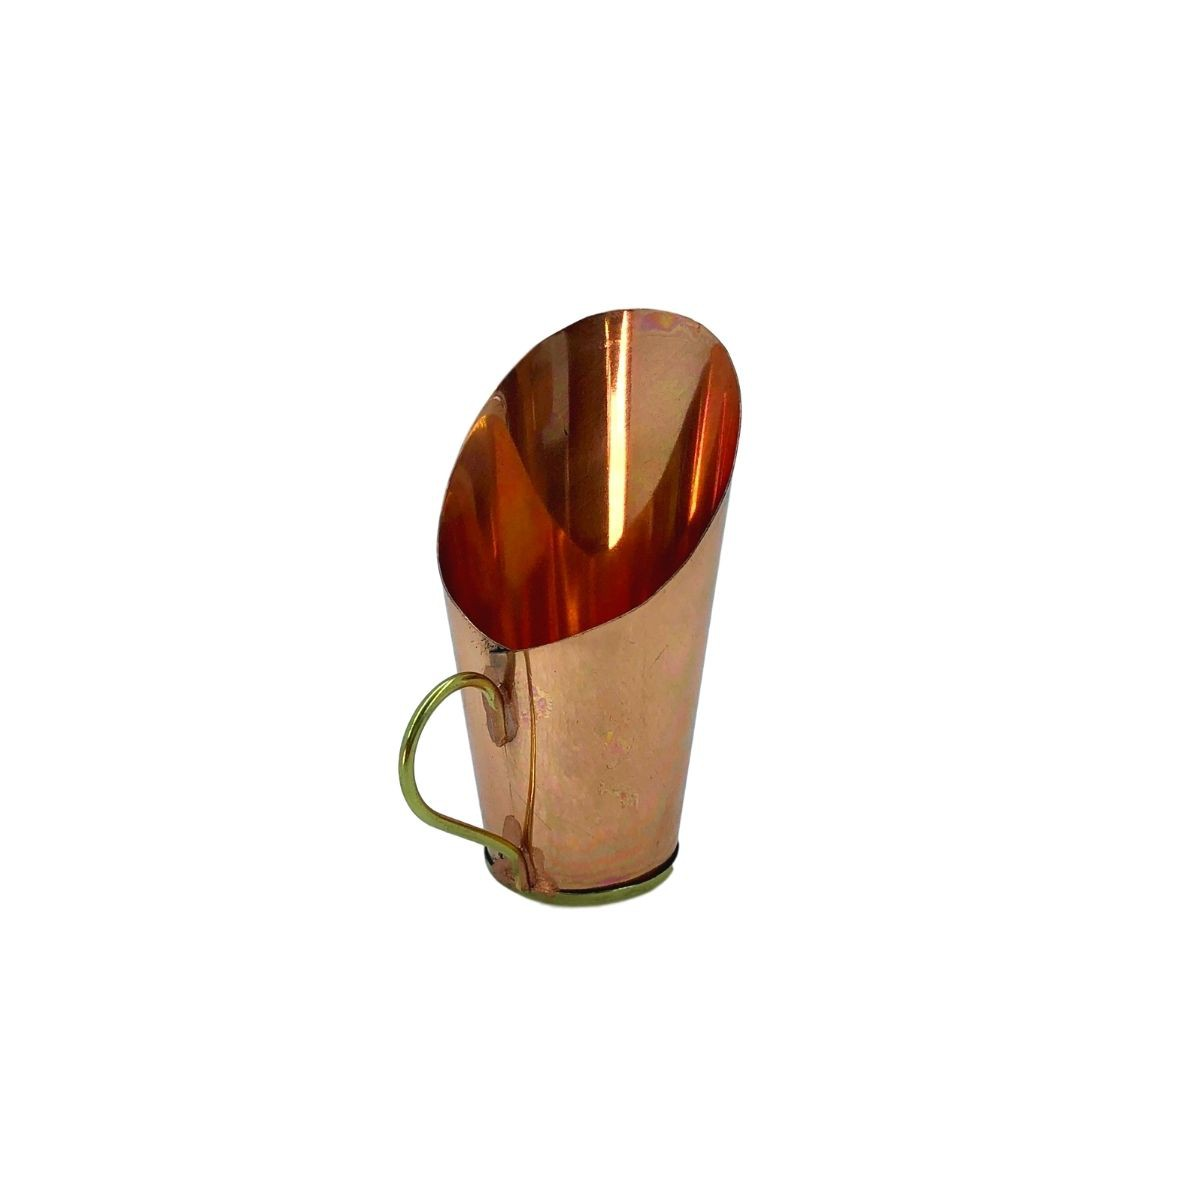 Kit com 13 Miniaturas em cobre com detalhe em latão